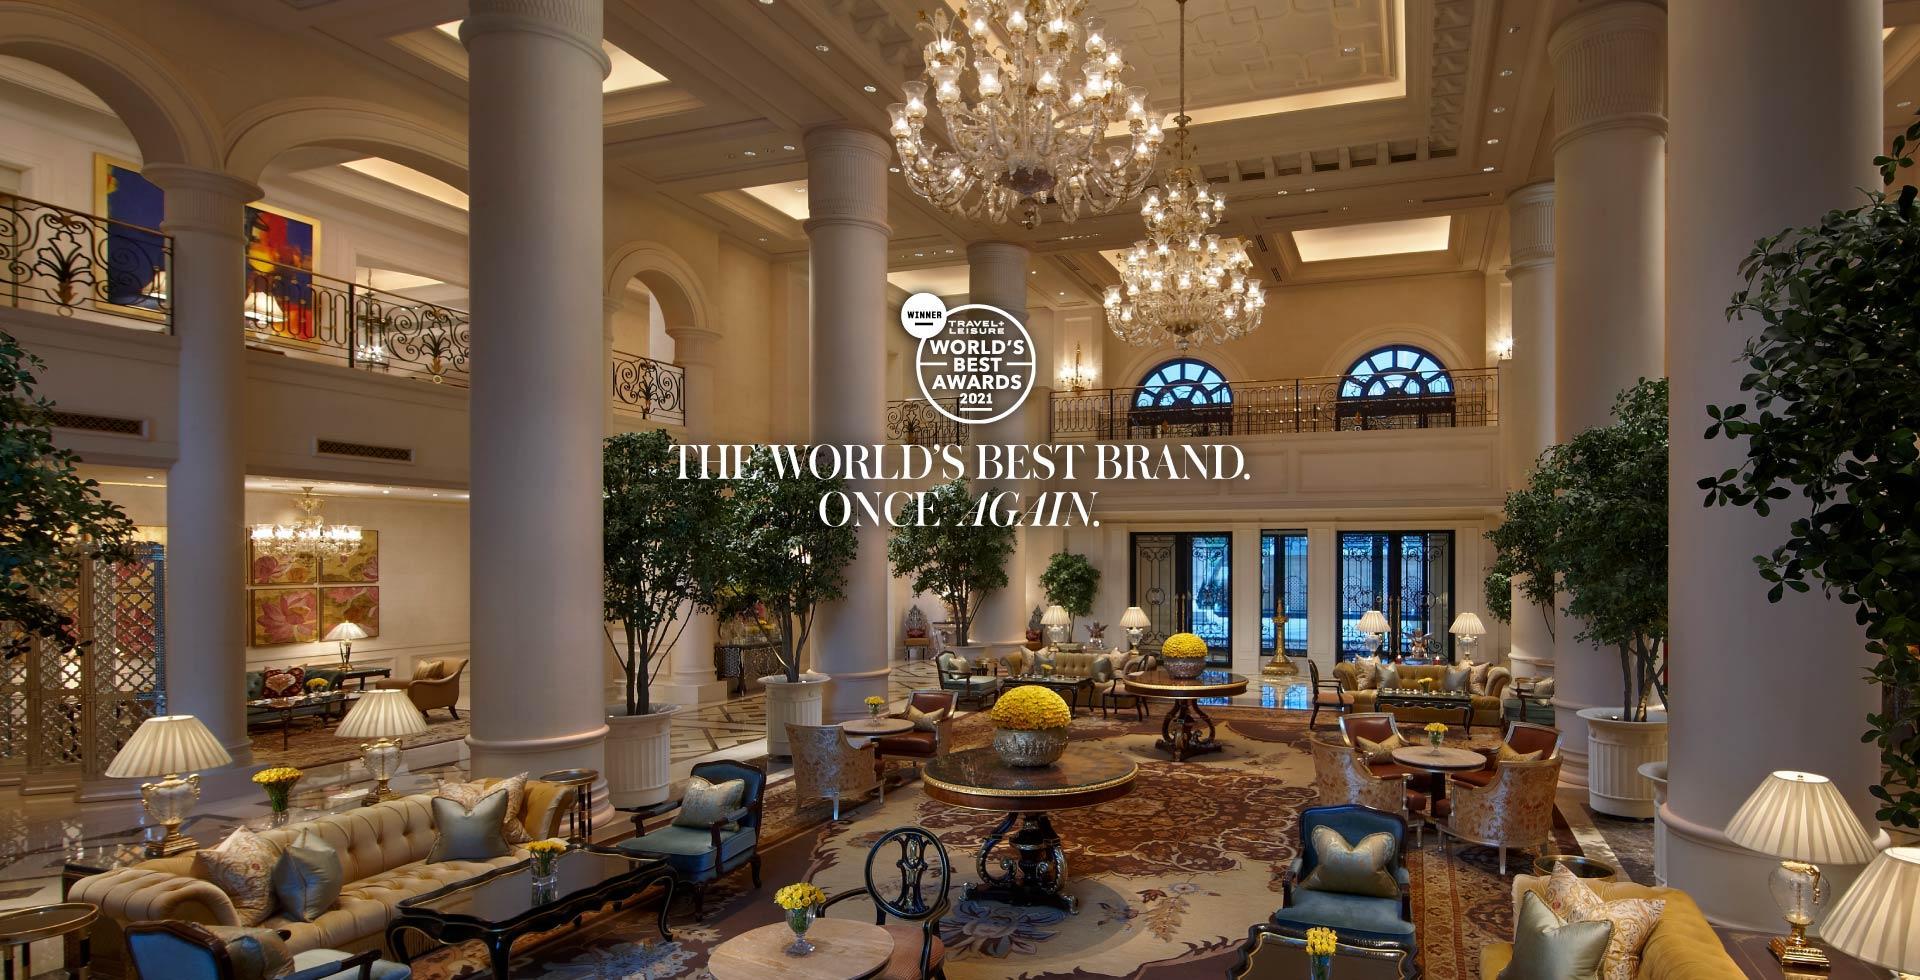 World's best hotel brand